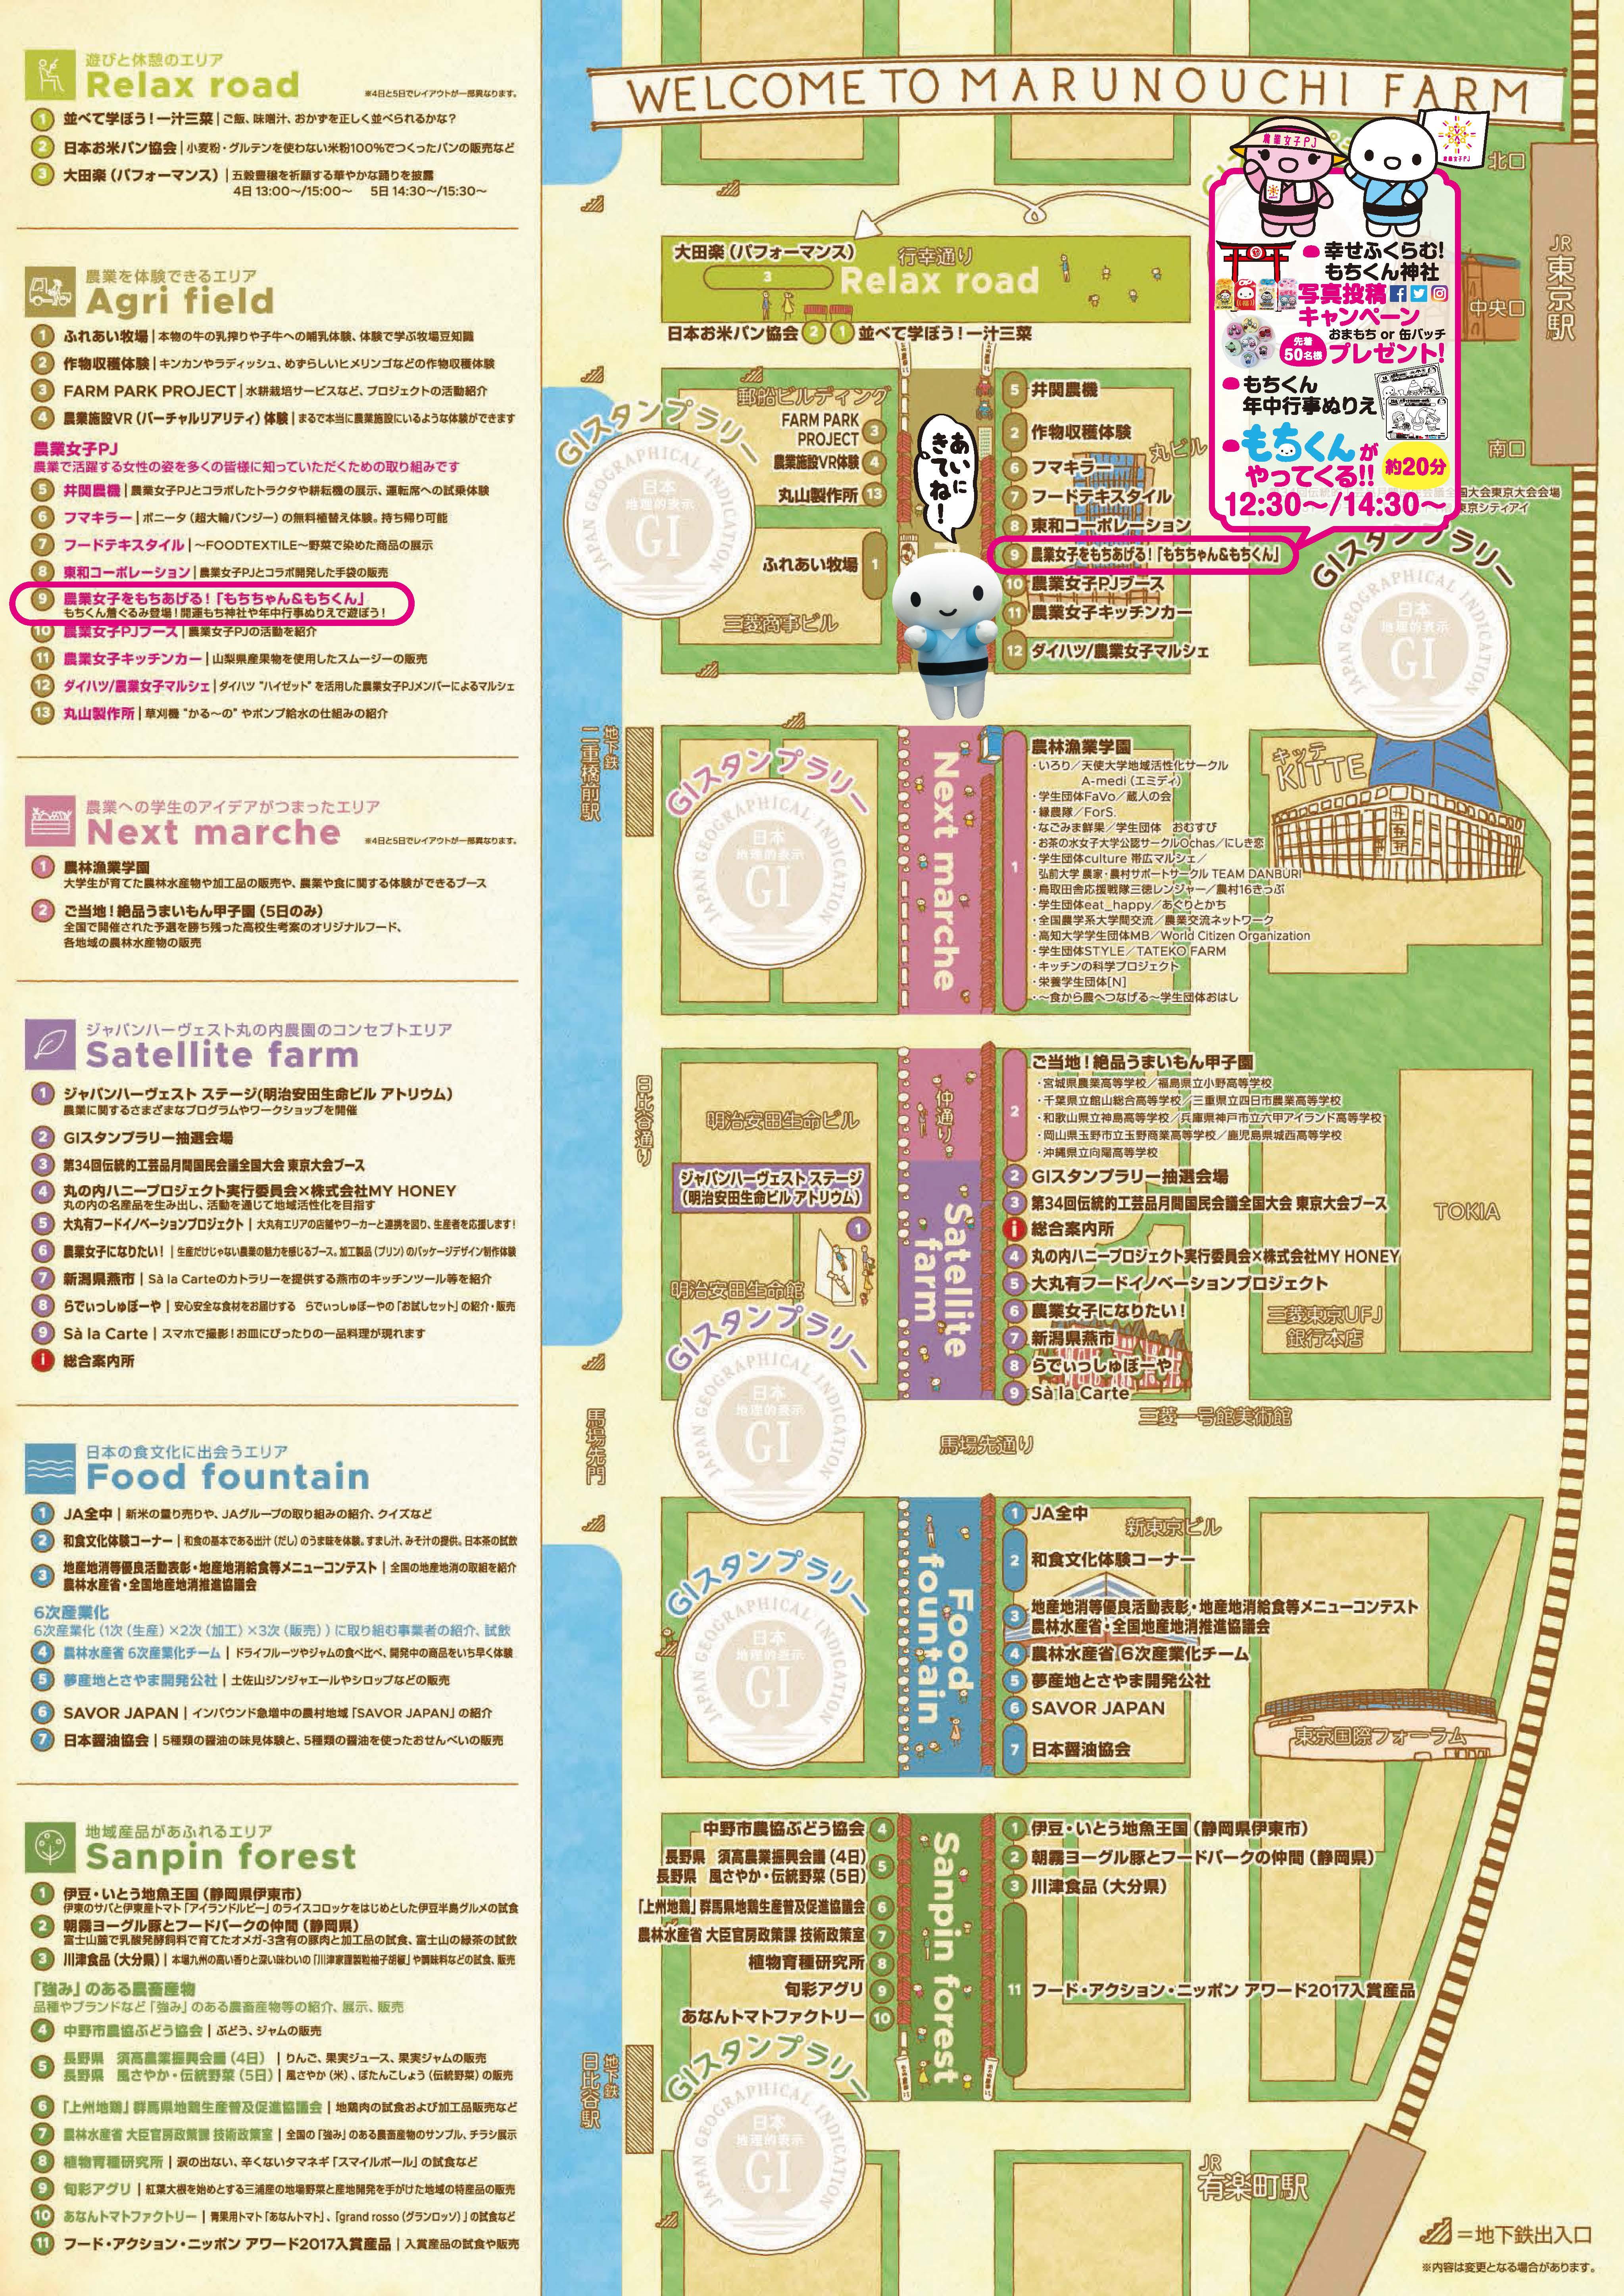 ご案内MAP